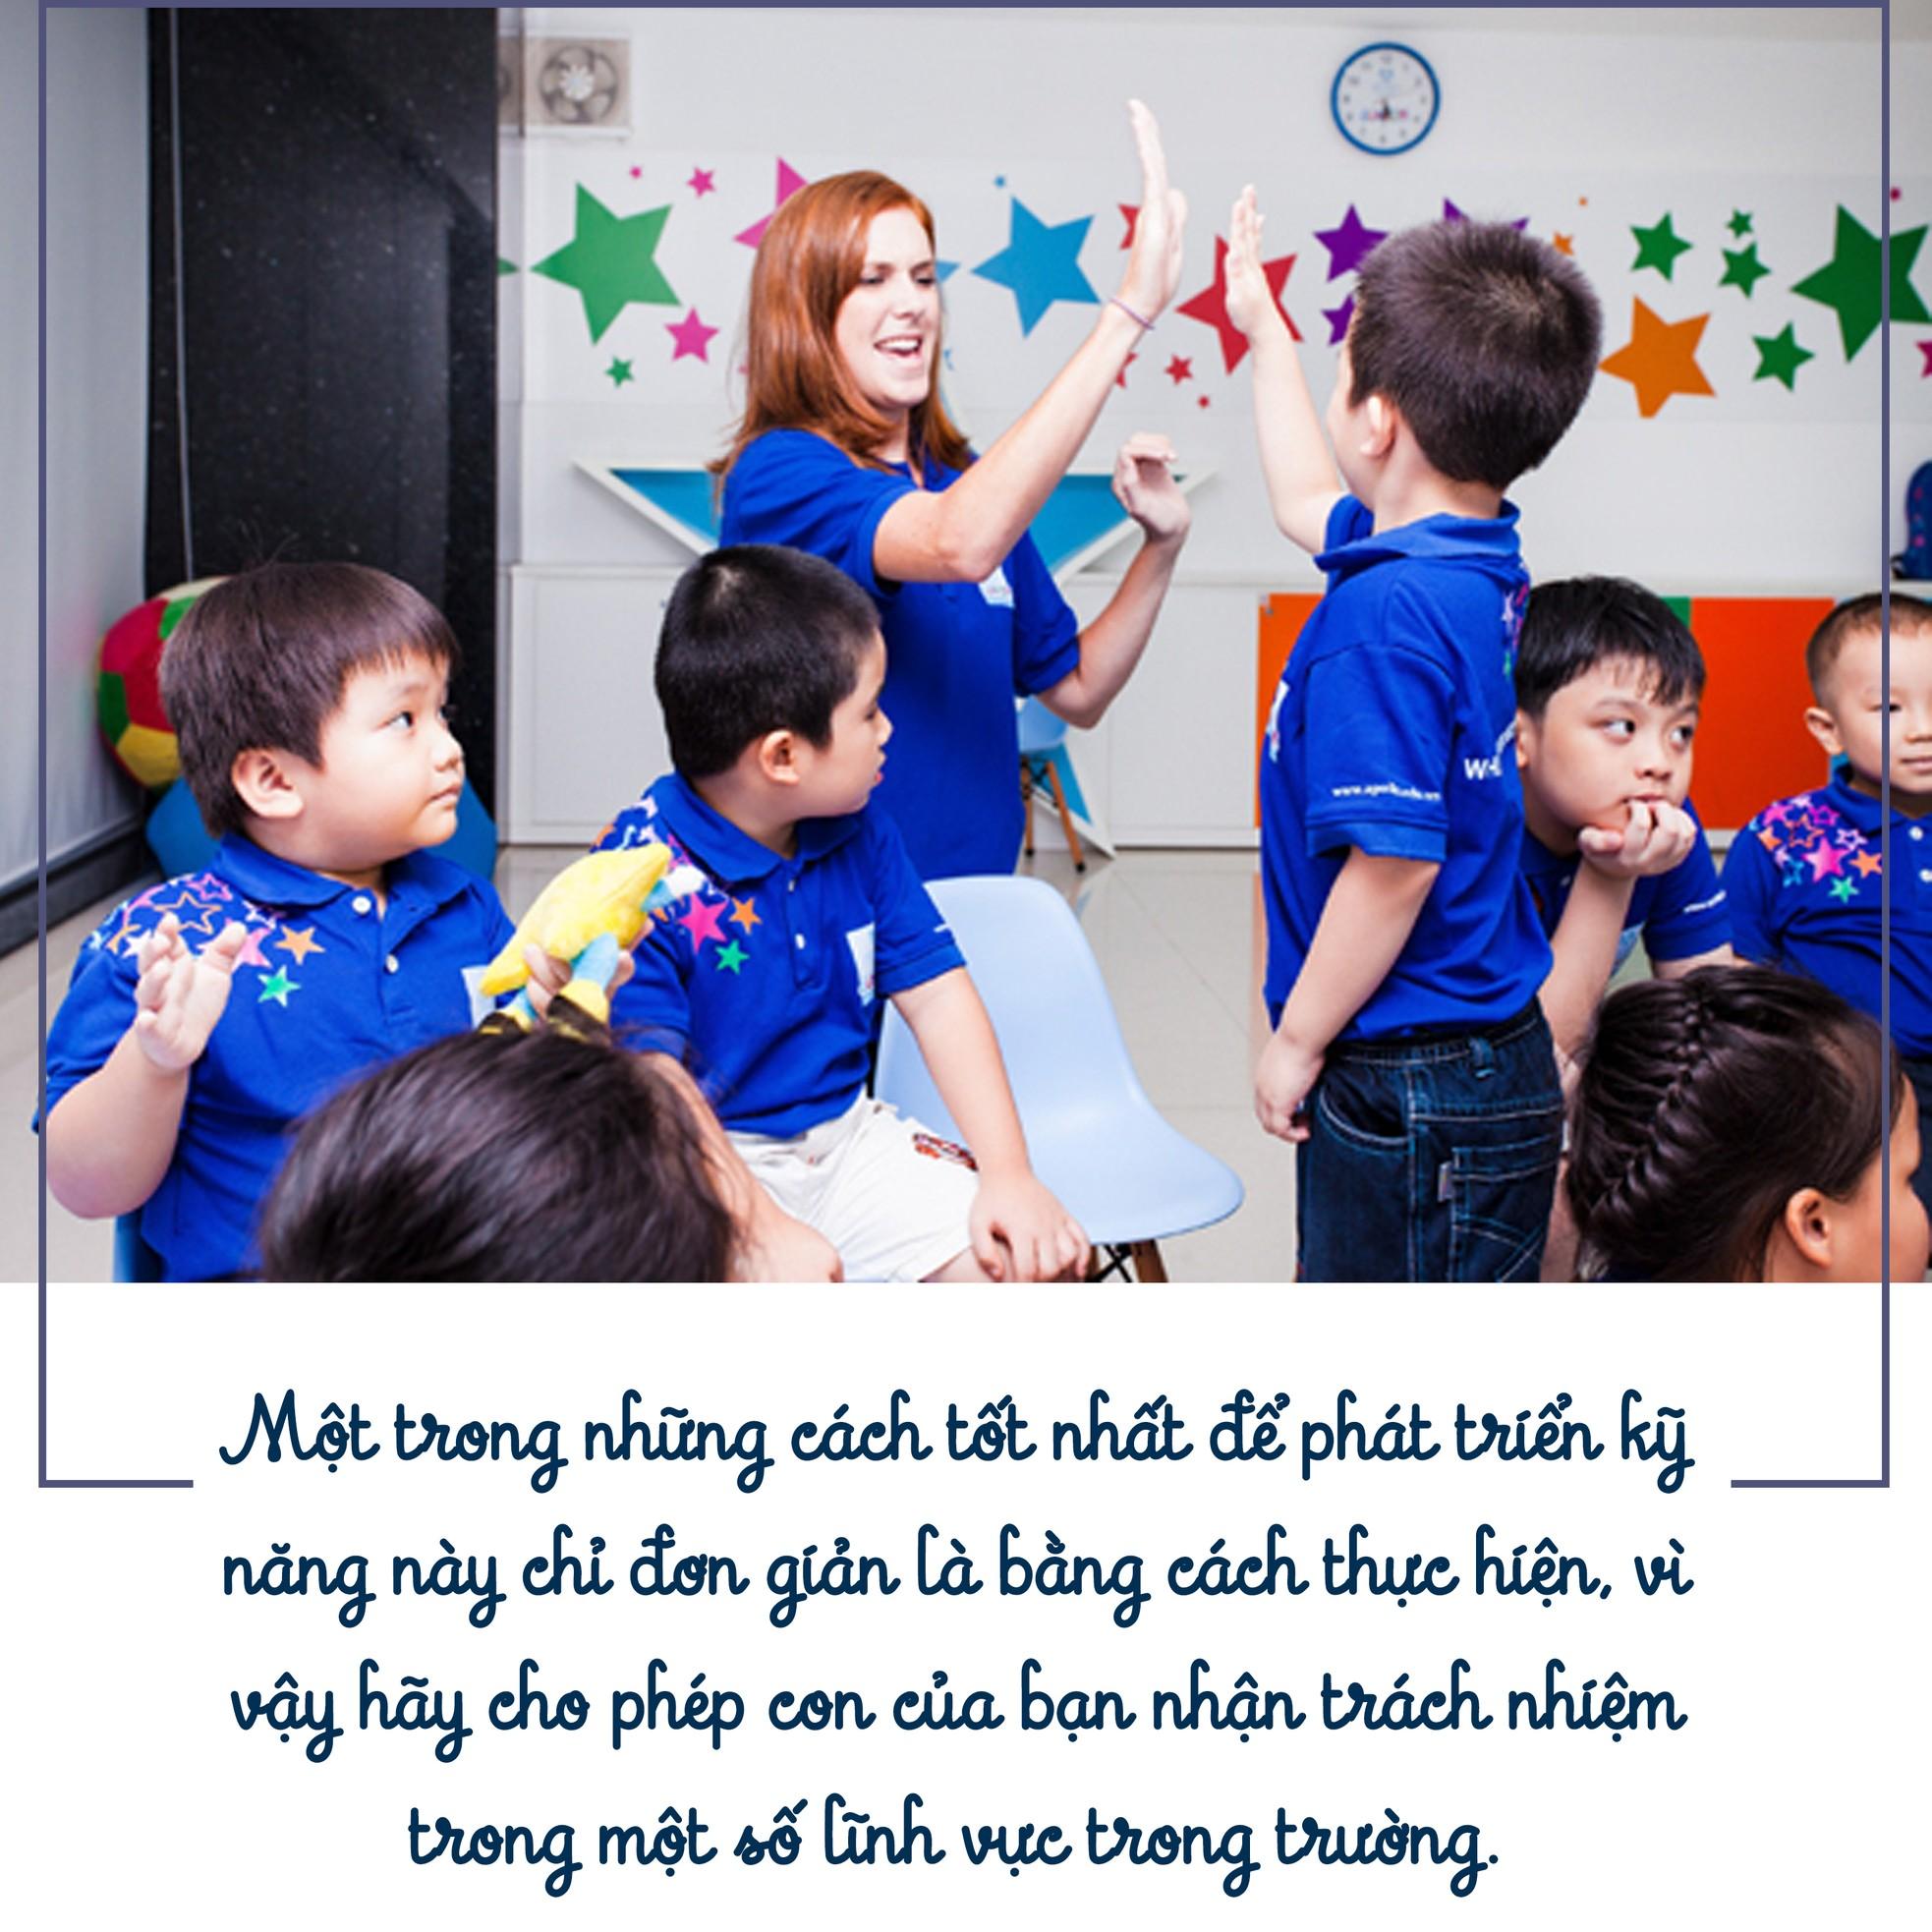 Tại sao các kỹ năng mềm quan trọng đối với trẻ? ảnh 3